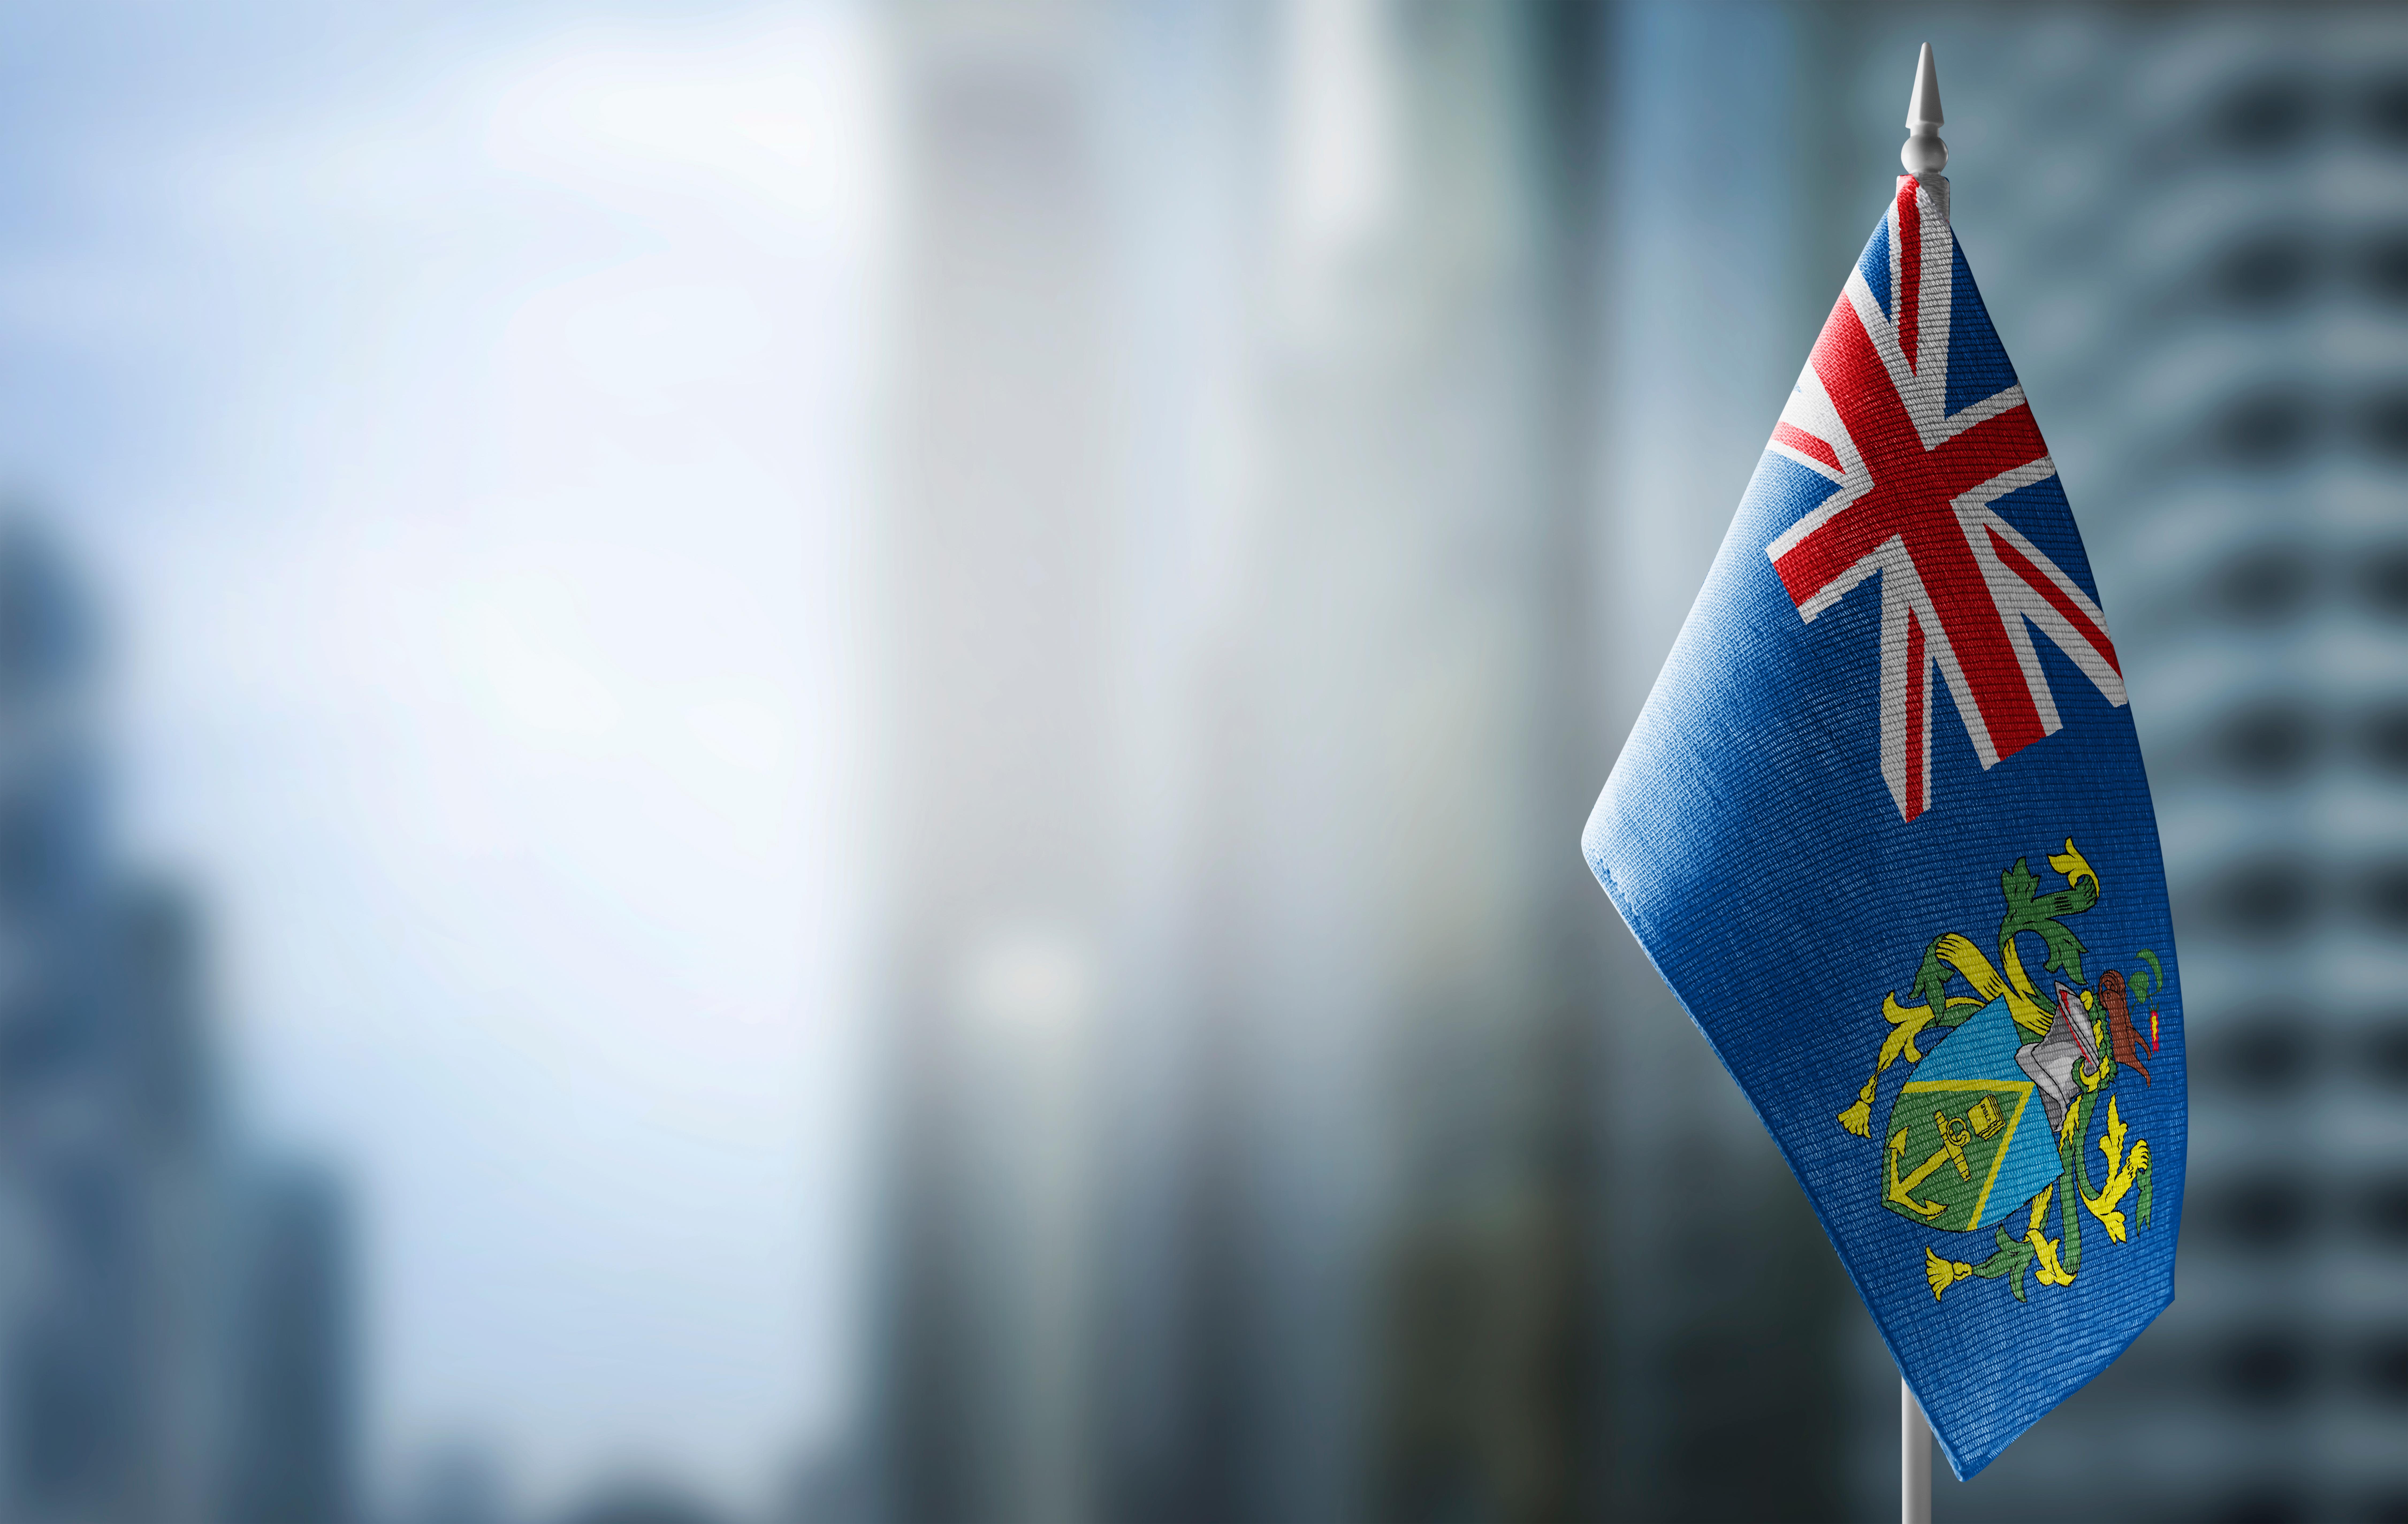 Флаг острова Питкэрн, где могут обучаться россияне